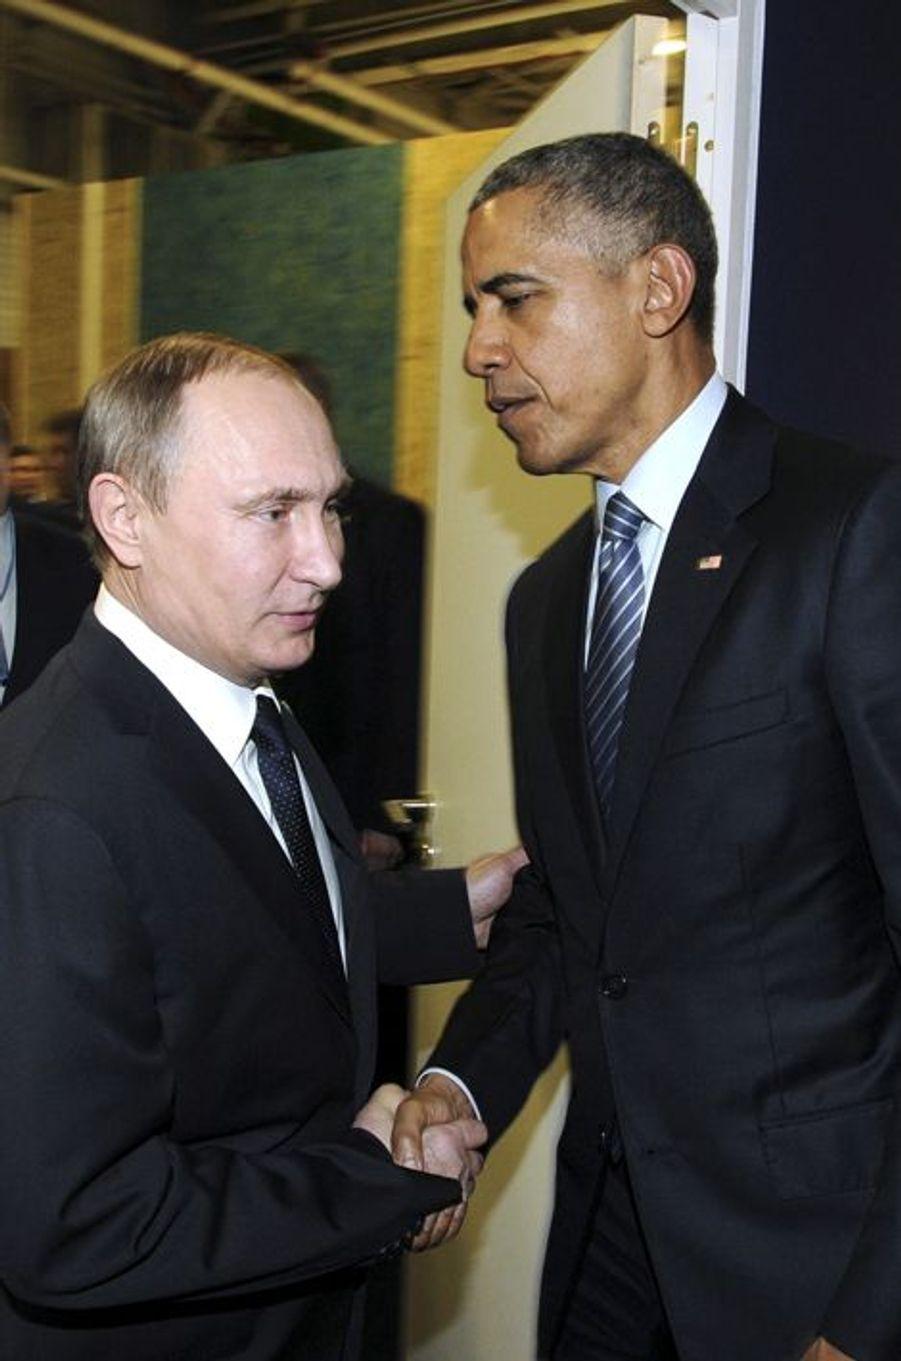 Le président russe Vladimir Poutine et le président des Etats Unis Barack Obama ont un échange plutôt froid